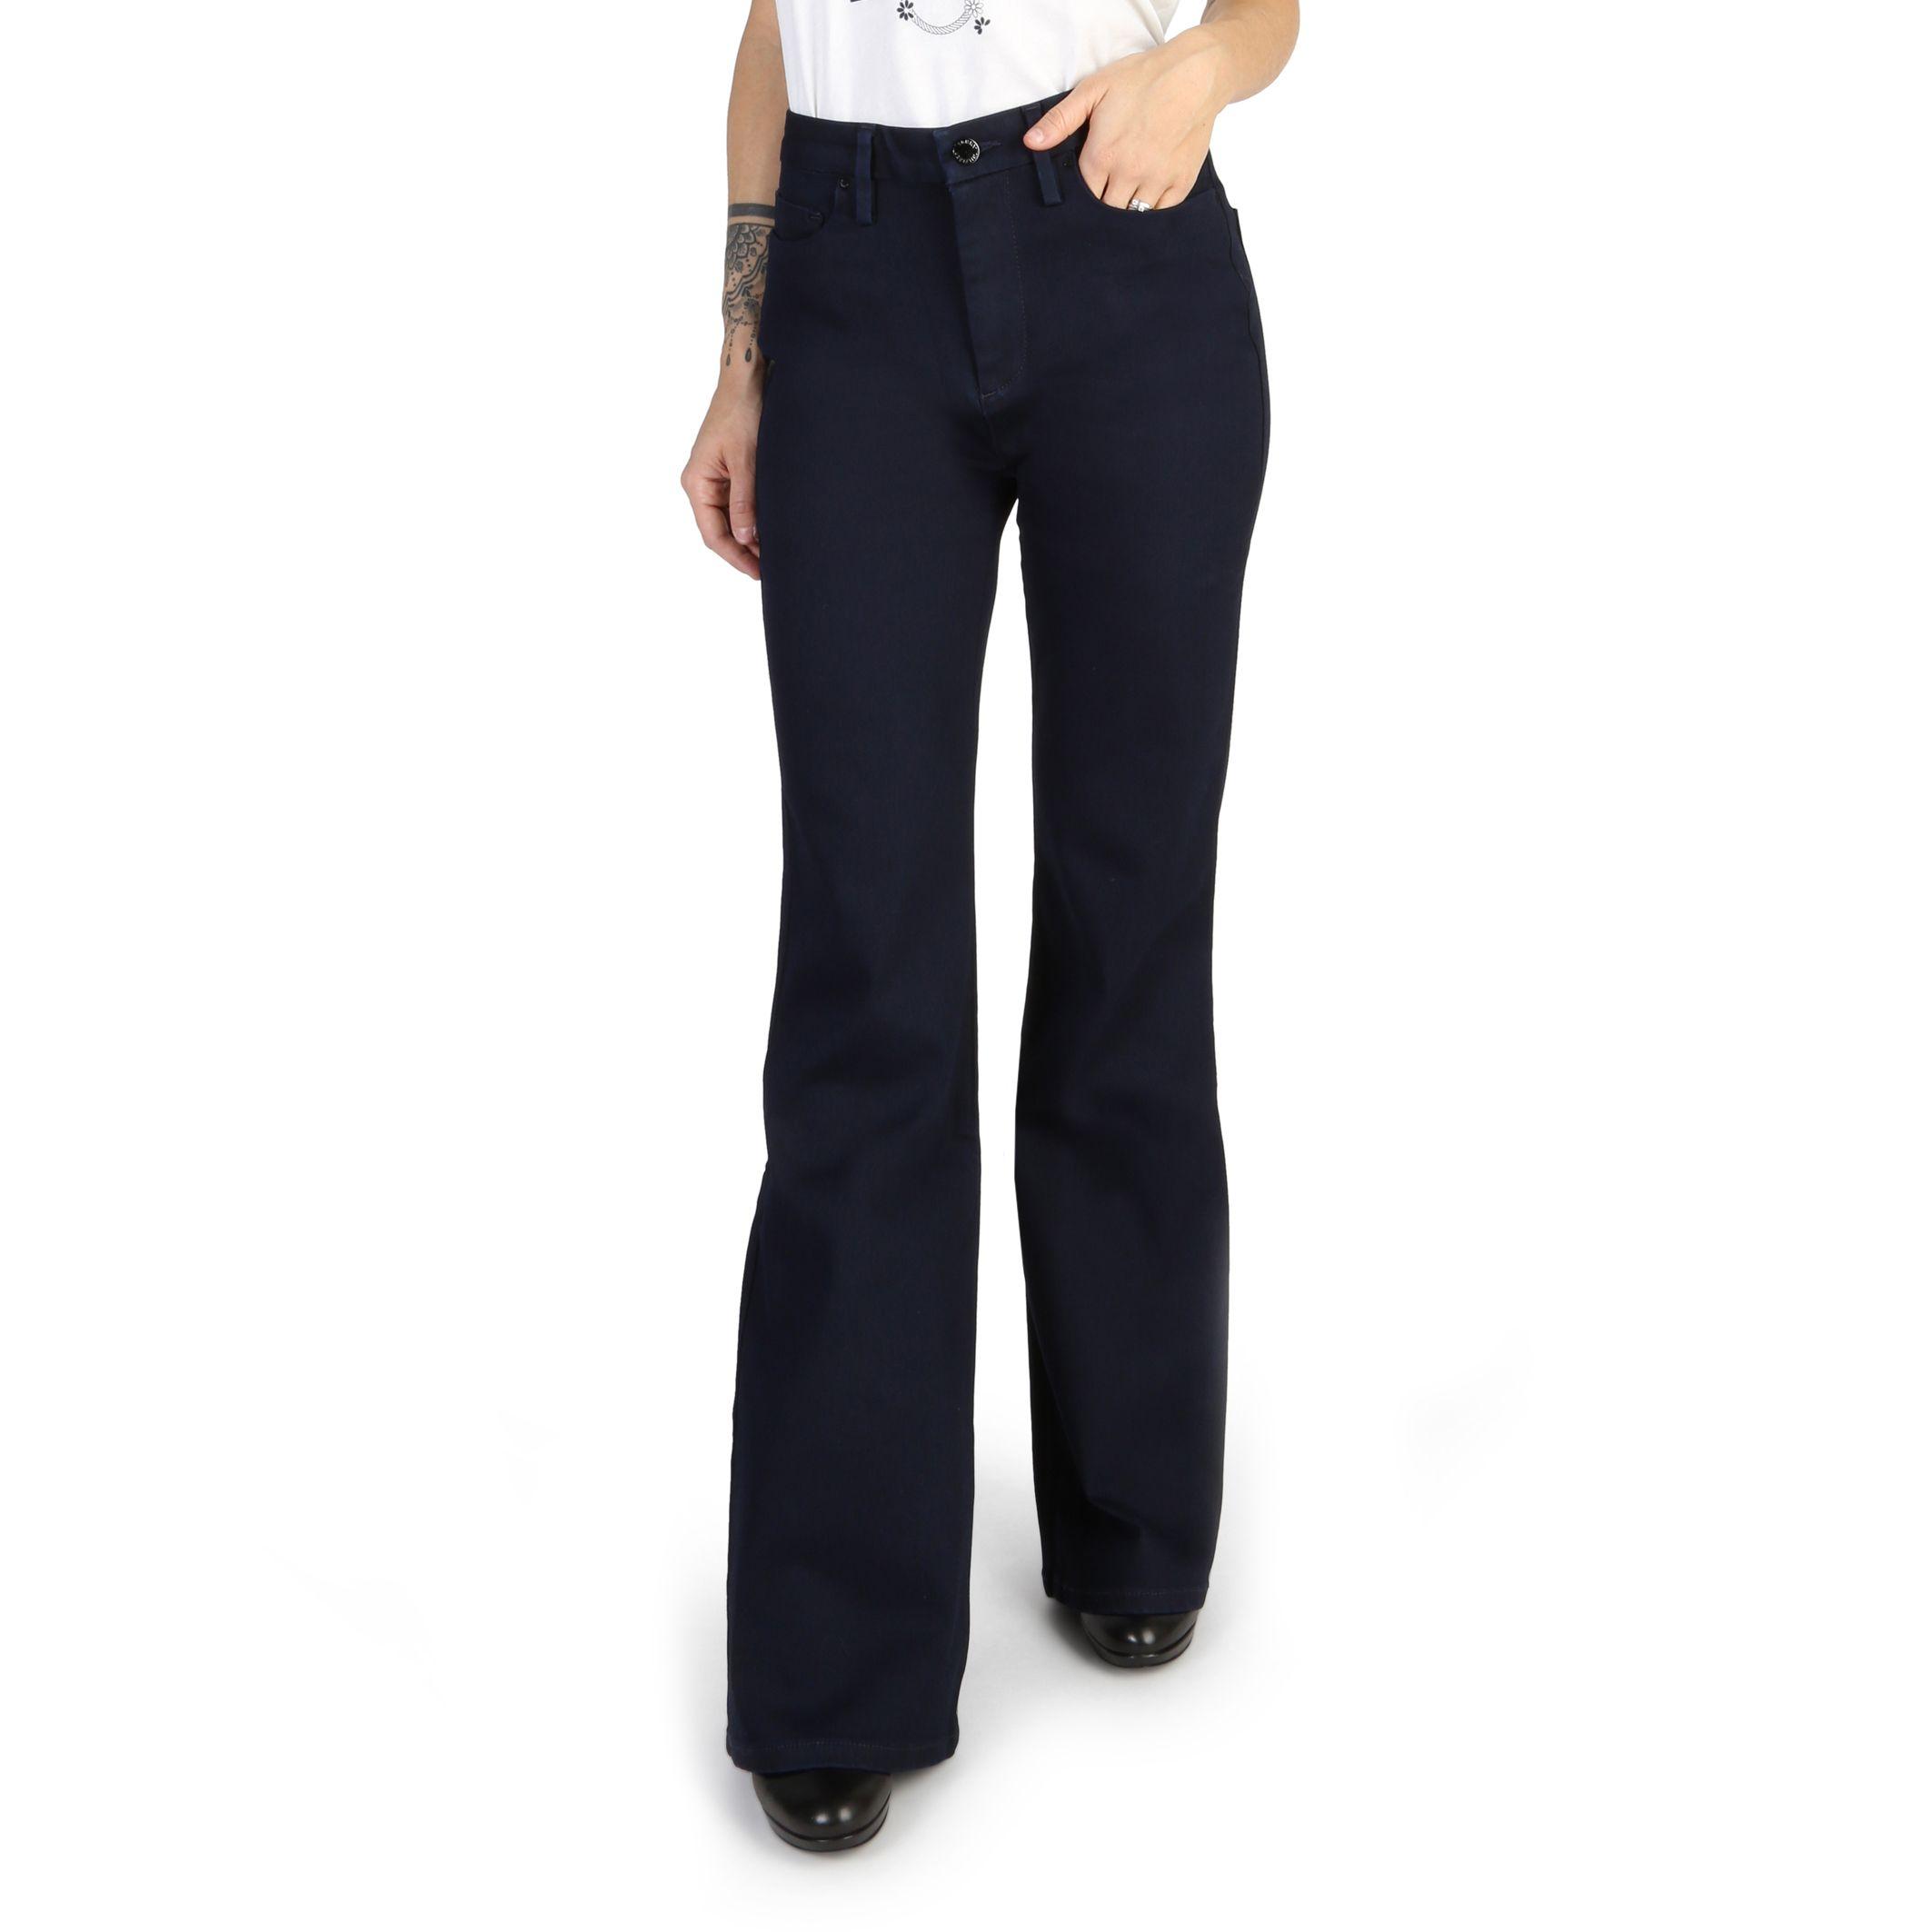 Jeans Tommy Hilfiger – WW0WW16951